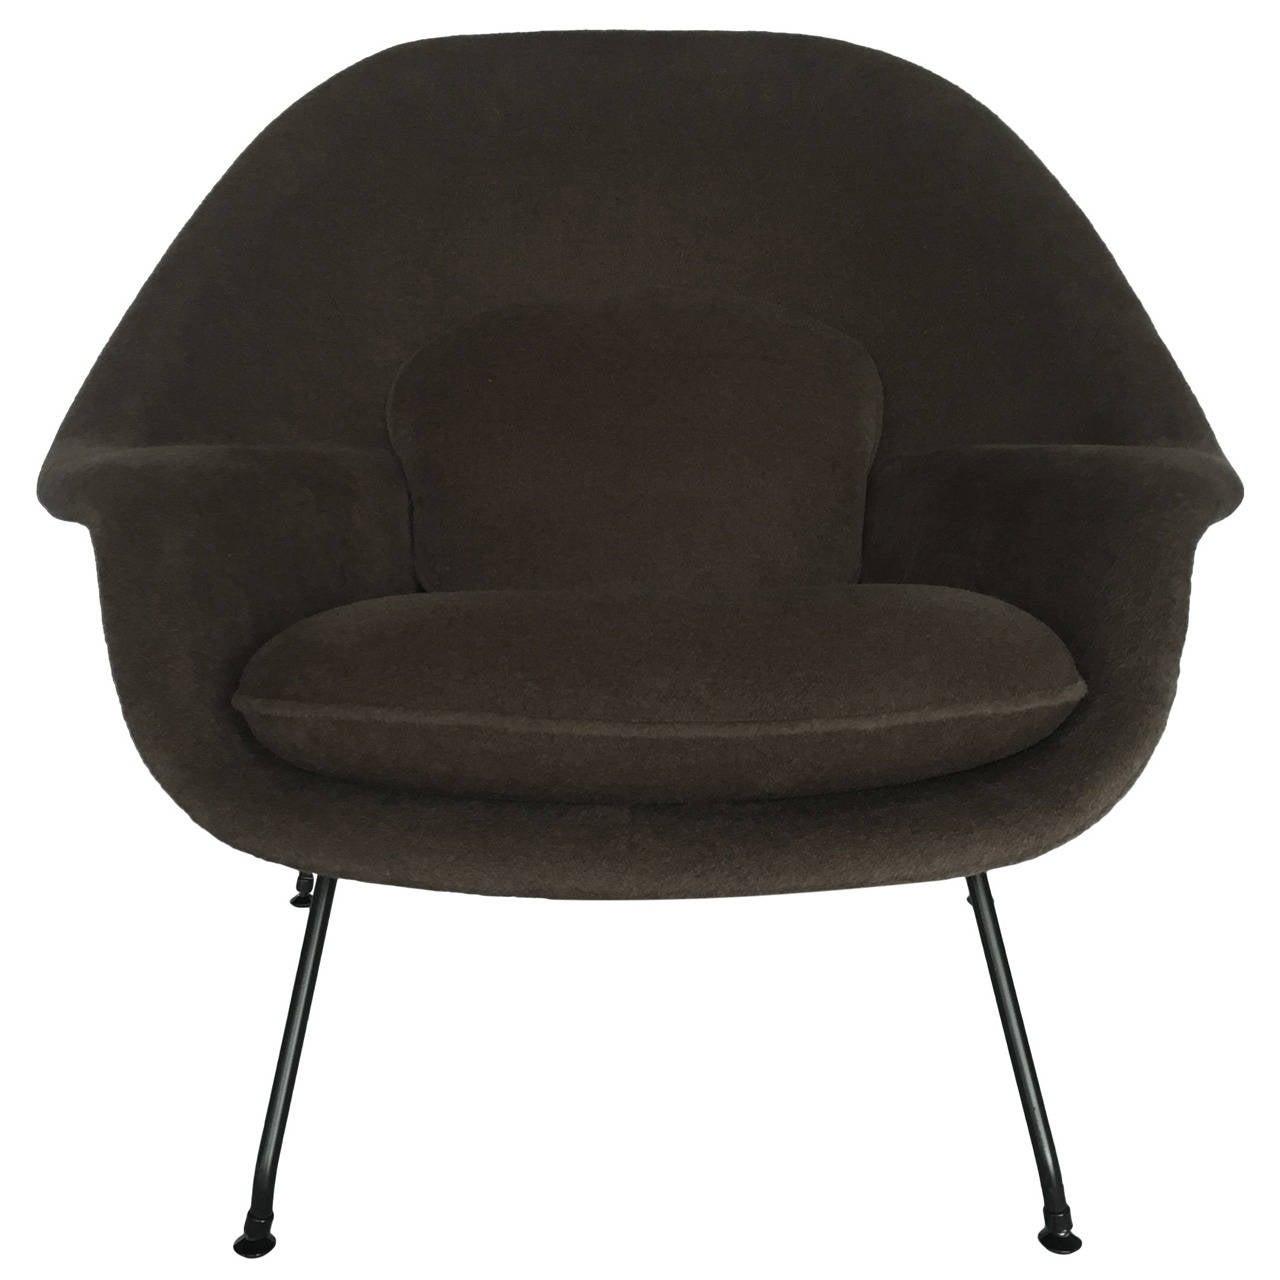 Knoll womb chair - Loro Piana Alpaca Wool Womb Chair By Eero Saarinen For Knoll Associates 1